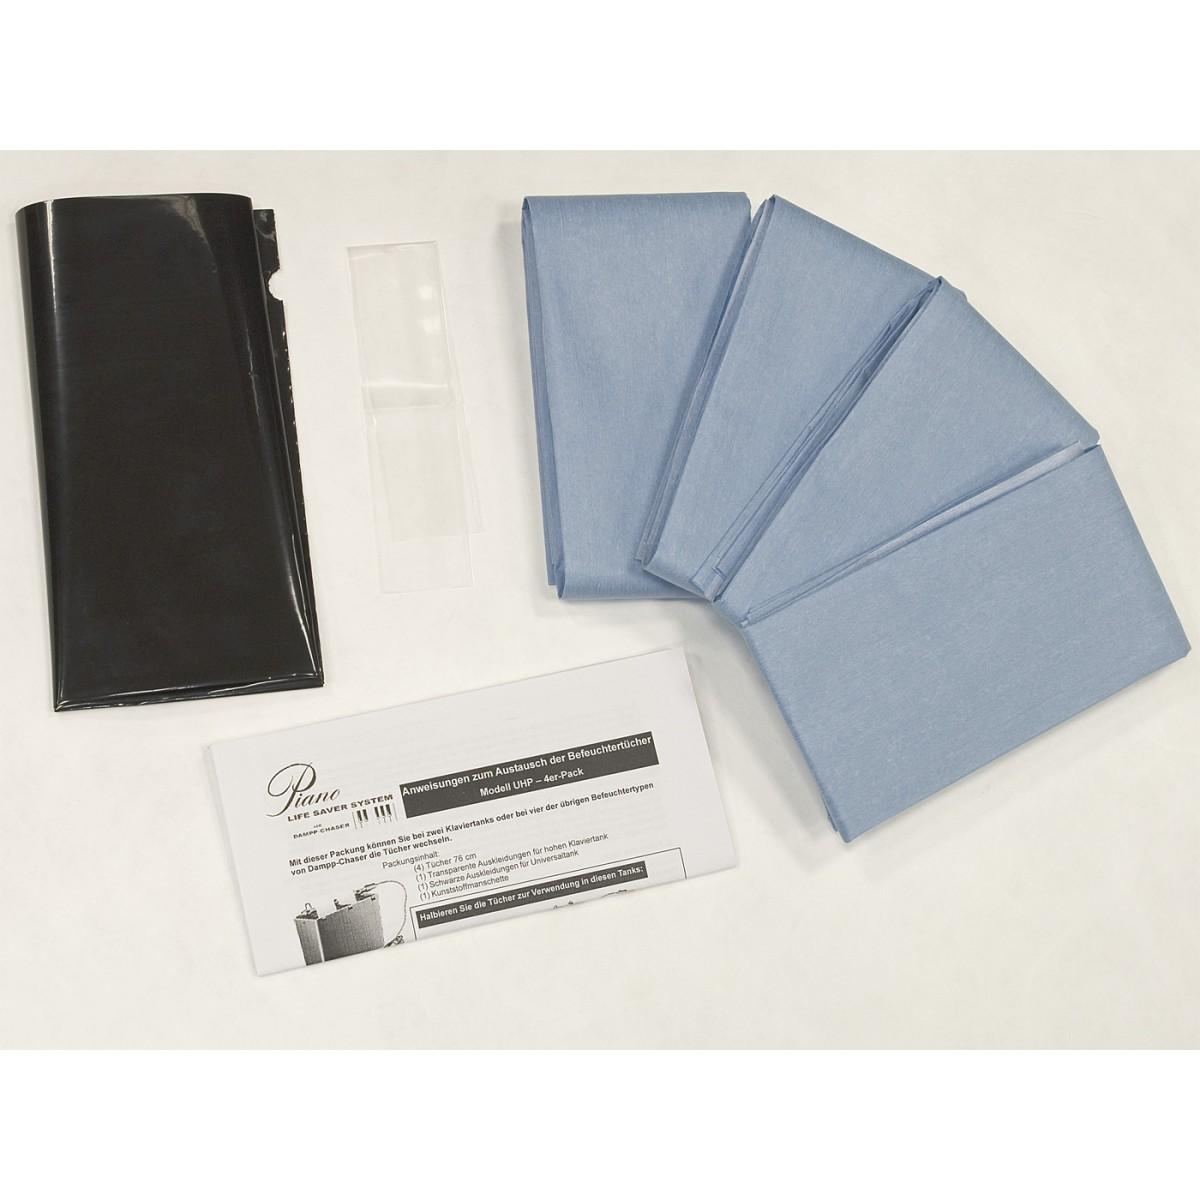 Dampp Chaser Life Saver System Papier Tücher + Folie